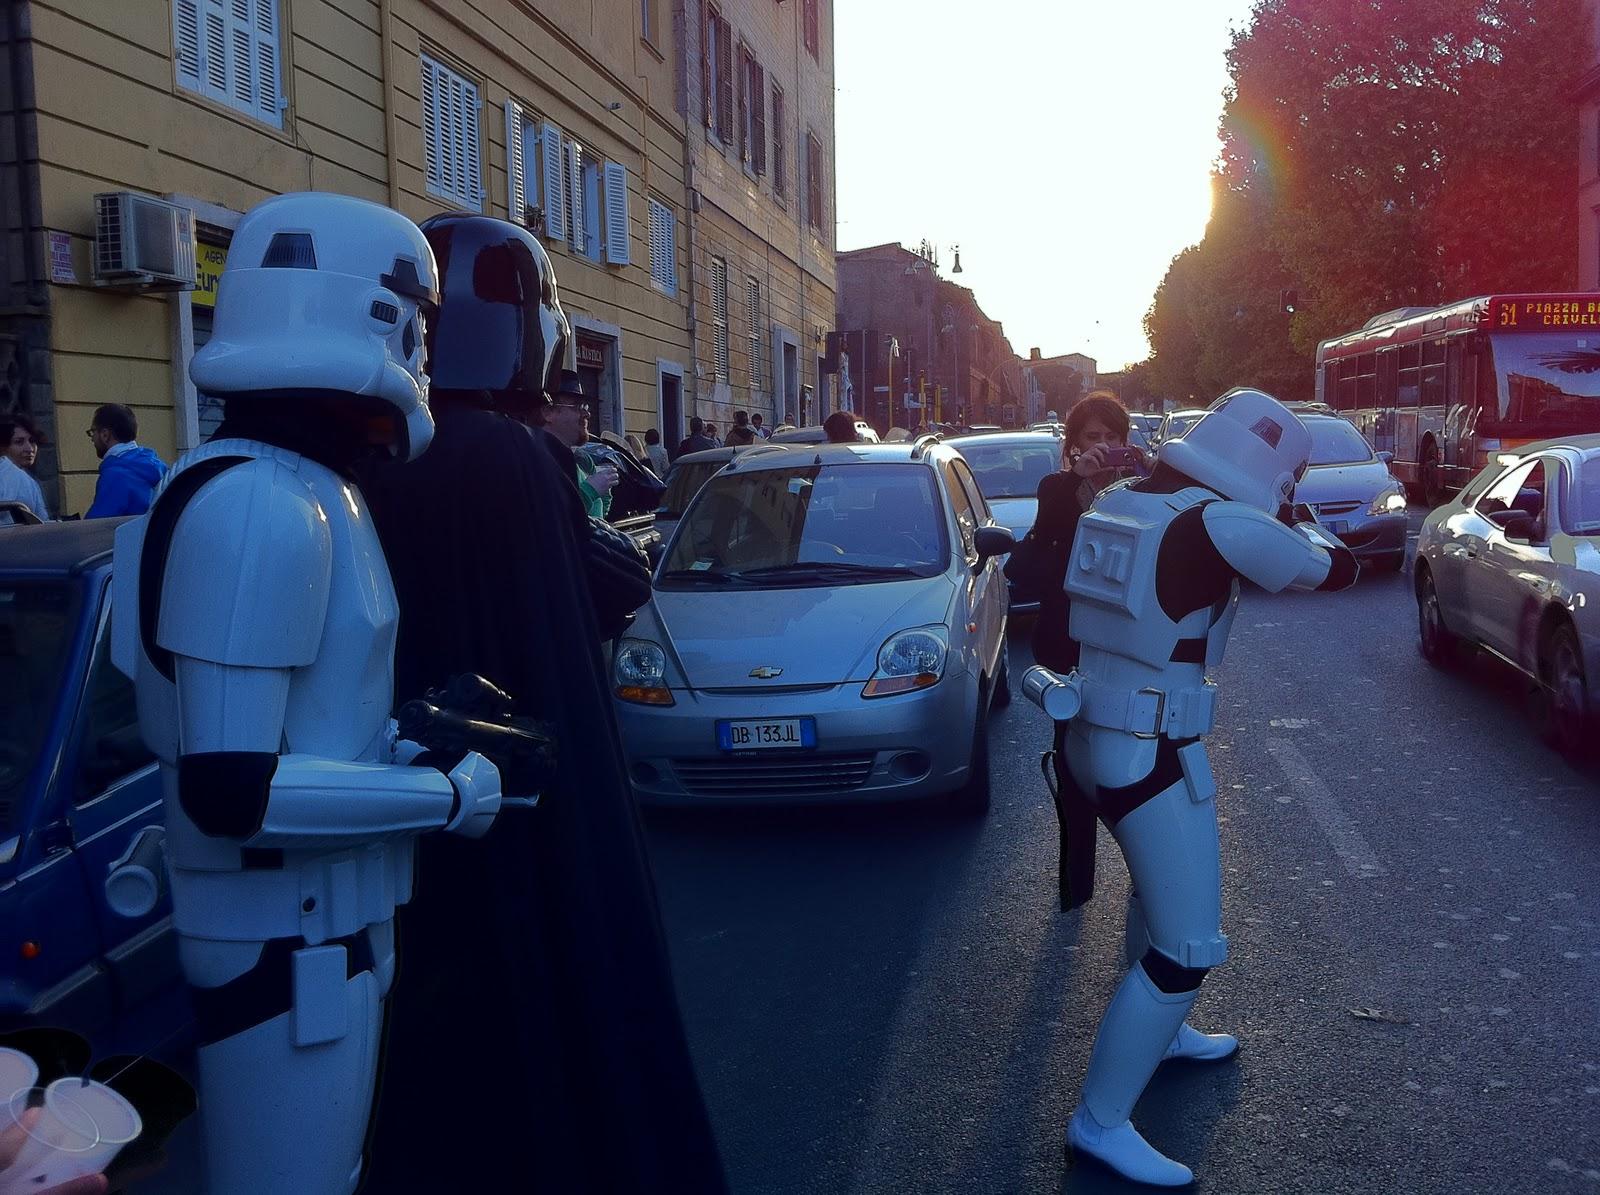 immagini divertenti juve roma - ANTI JUVE A VITA Facebook